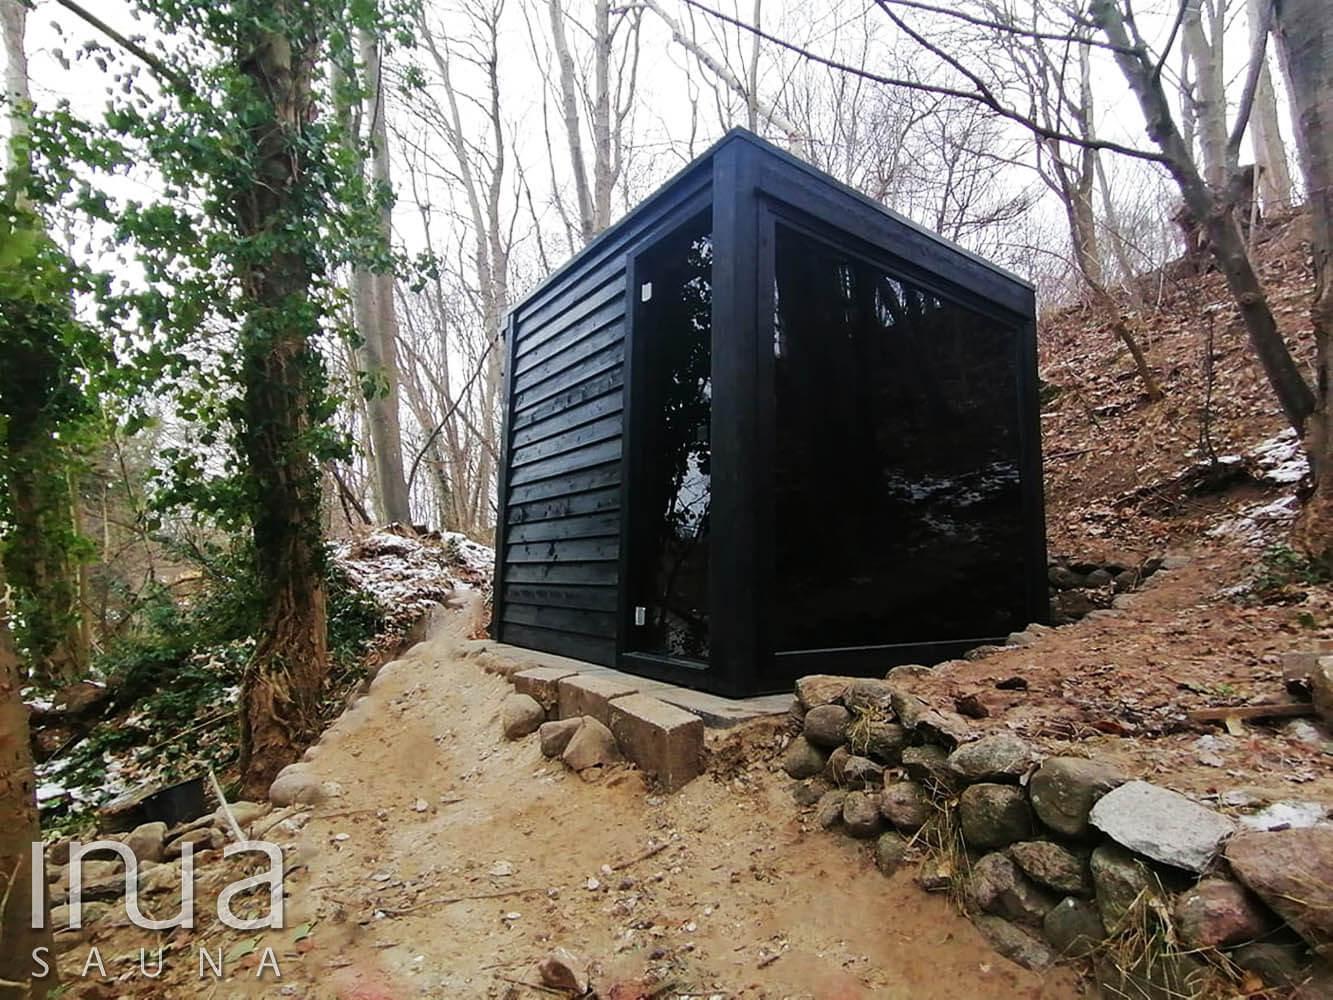 Egy dombvidékes erdei hangulat mélyére telepített kültéri kombinált szauna.